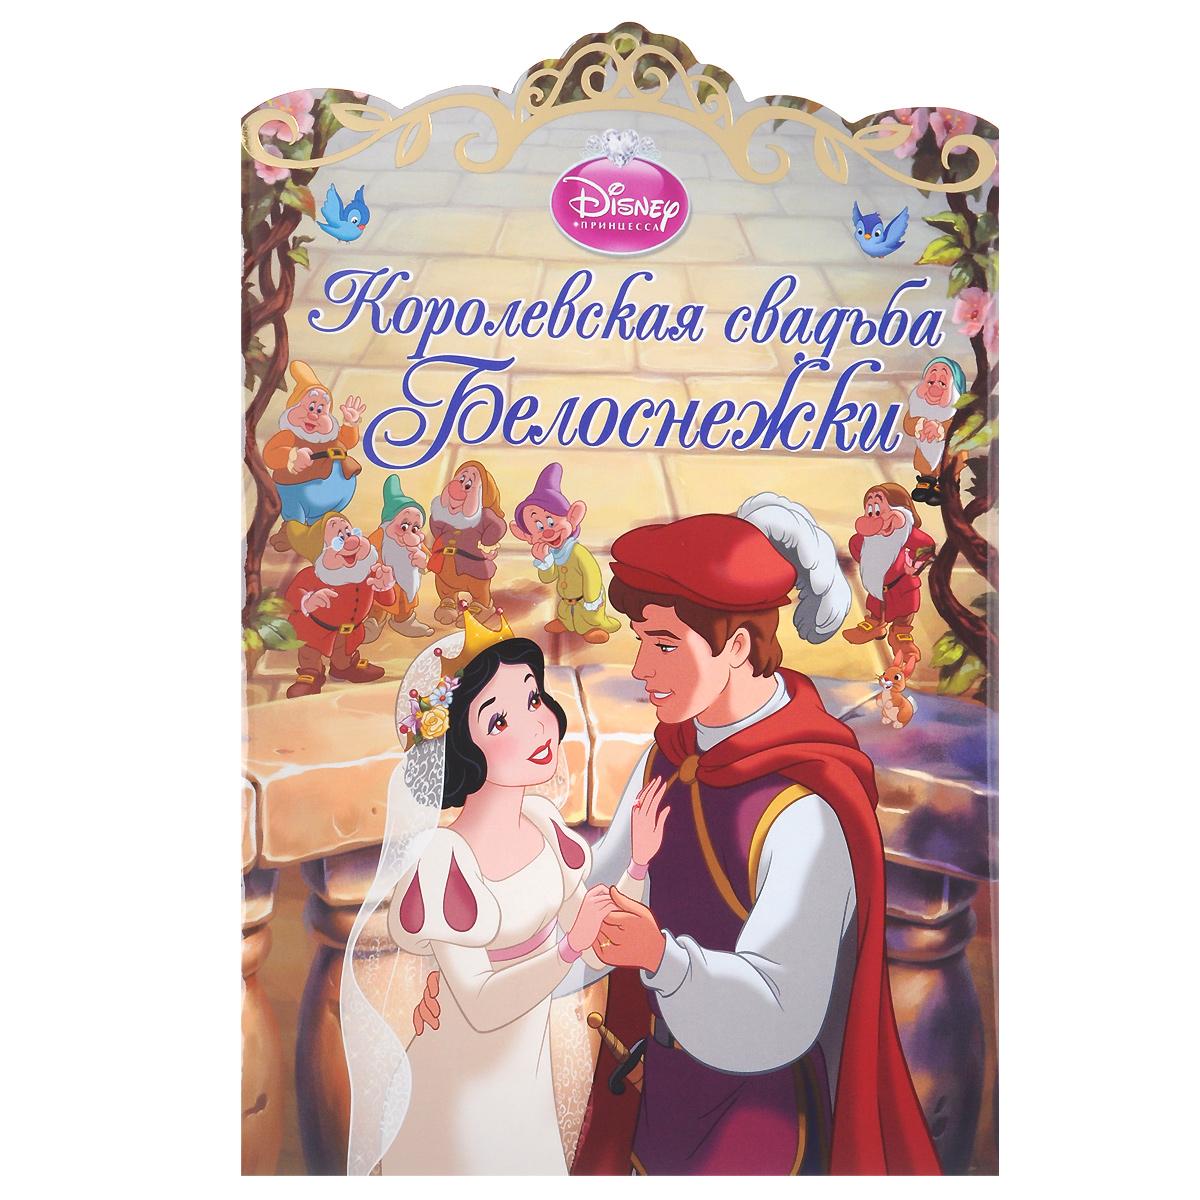 Королевская свадьба Белоснежки12296407В детстве больше всего мы любим слушать сказки. Это целый мир, без знакомства с которым мы уже не мыслим свою жизнь. Книга, несомненно, доставит много радостных минут маленьким читателям. Книга напечатана крупным четким шрифтом, отлично подходит для детей, которые только начинают читать самостоятельно. Для детей старшего дошкольного возраста. Книжка с вырубкой.